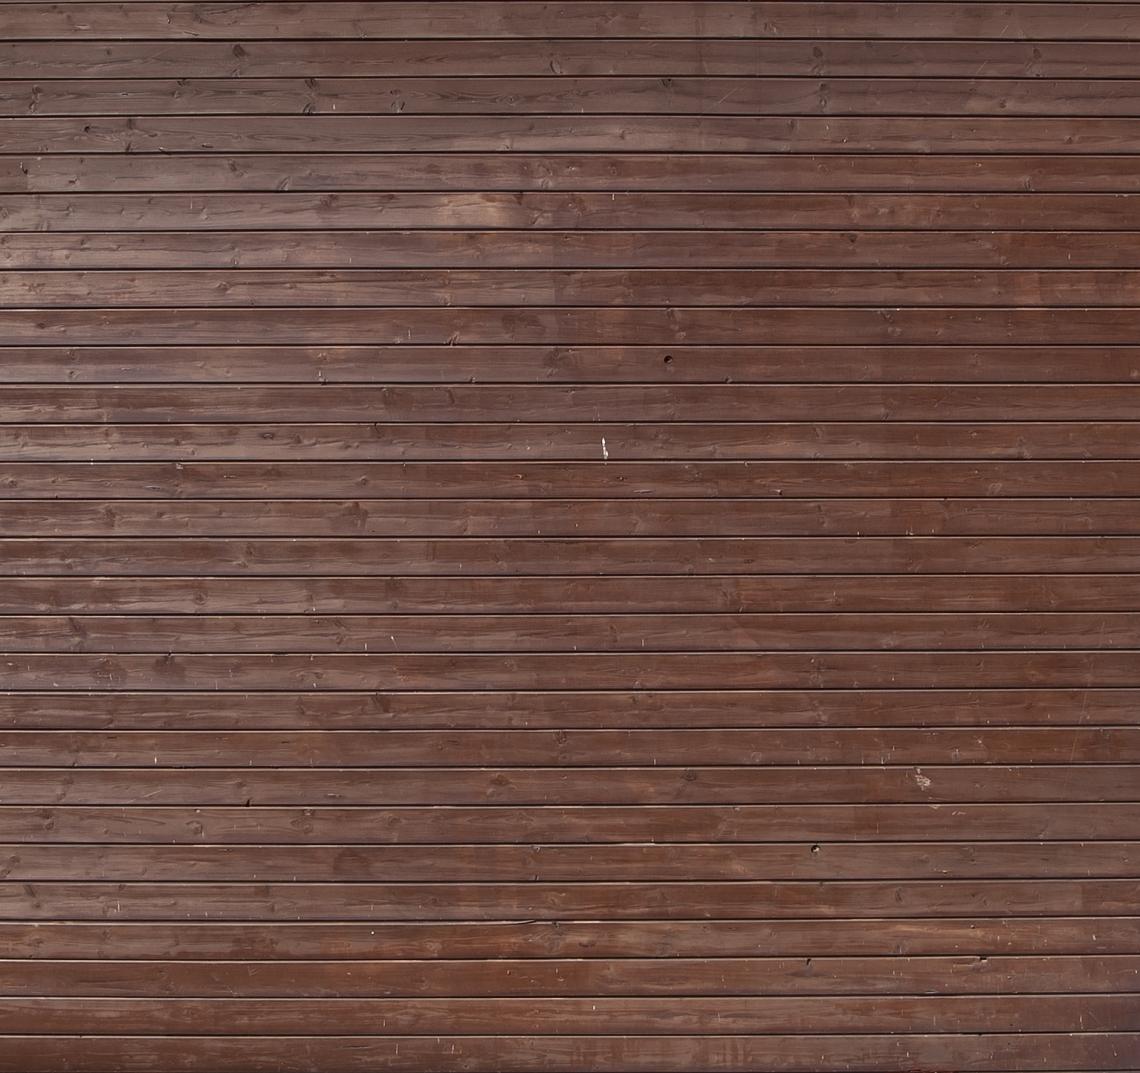 WoodPainted0088